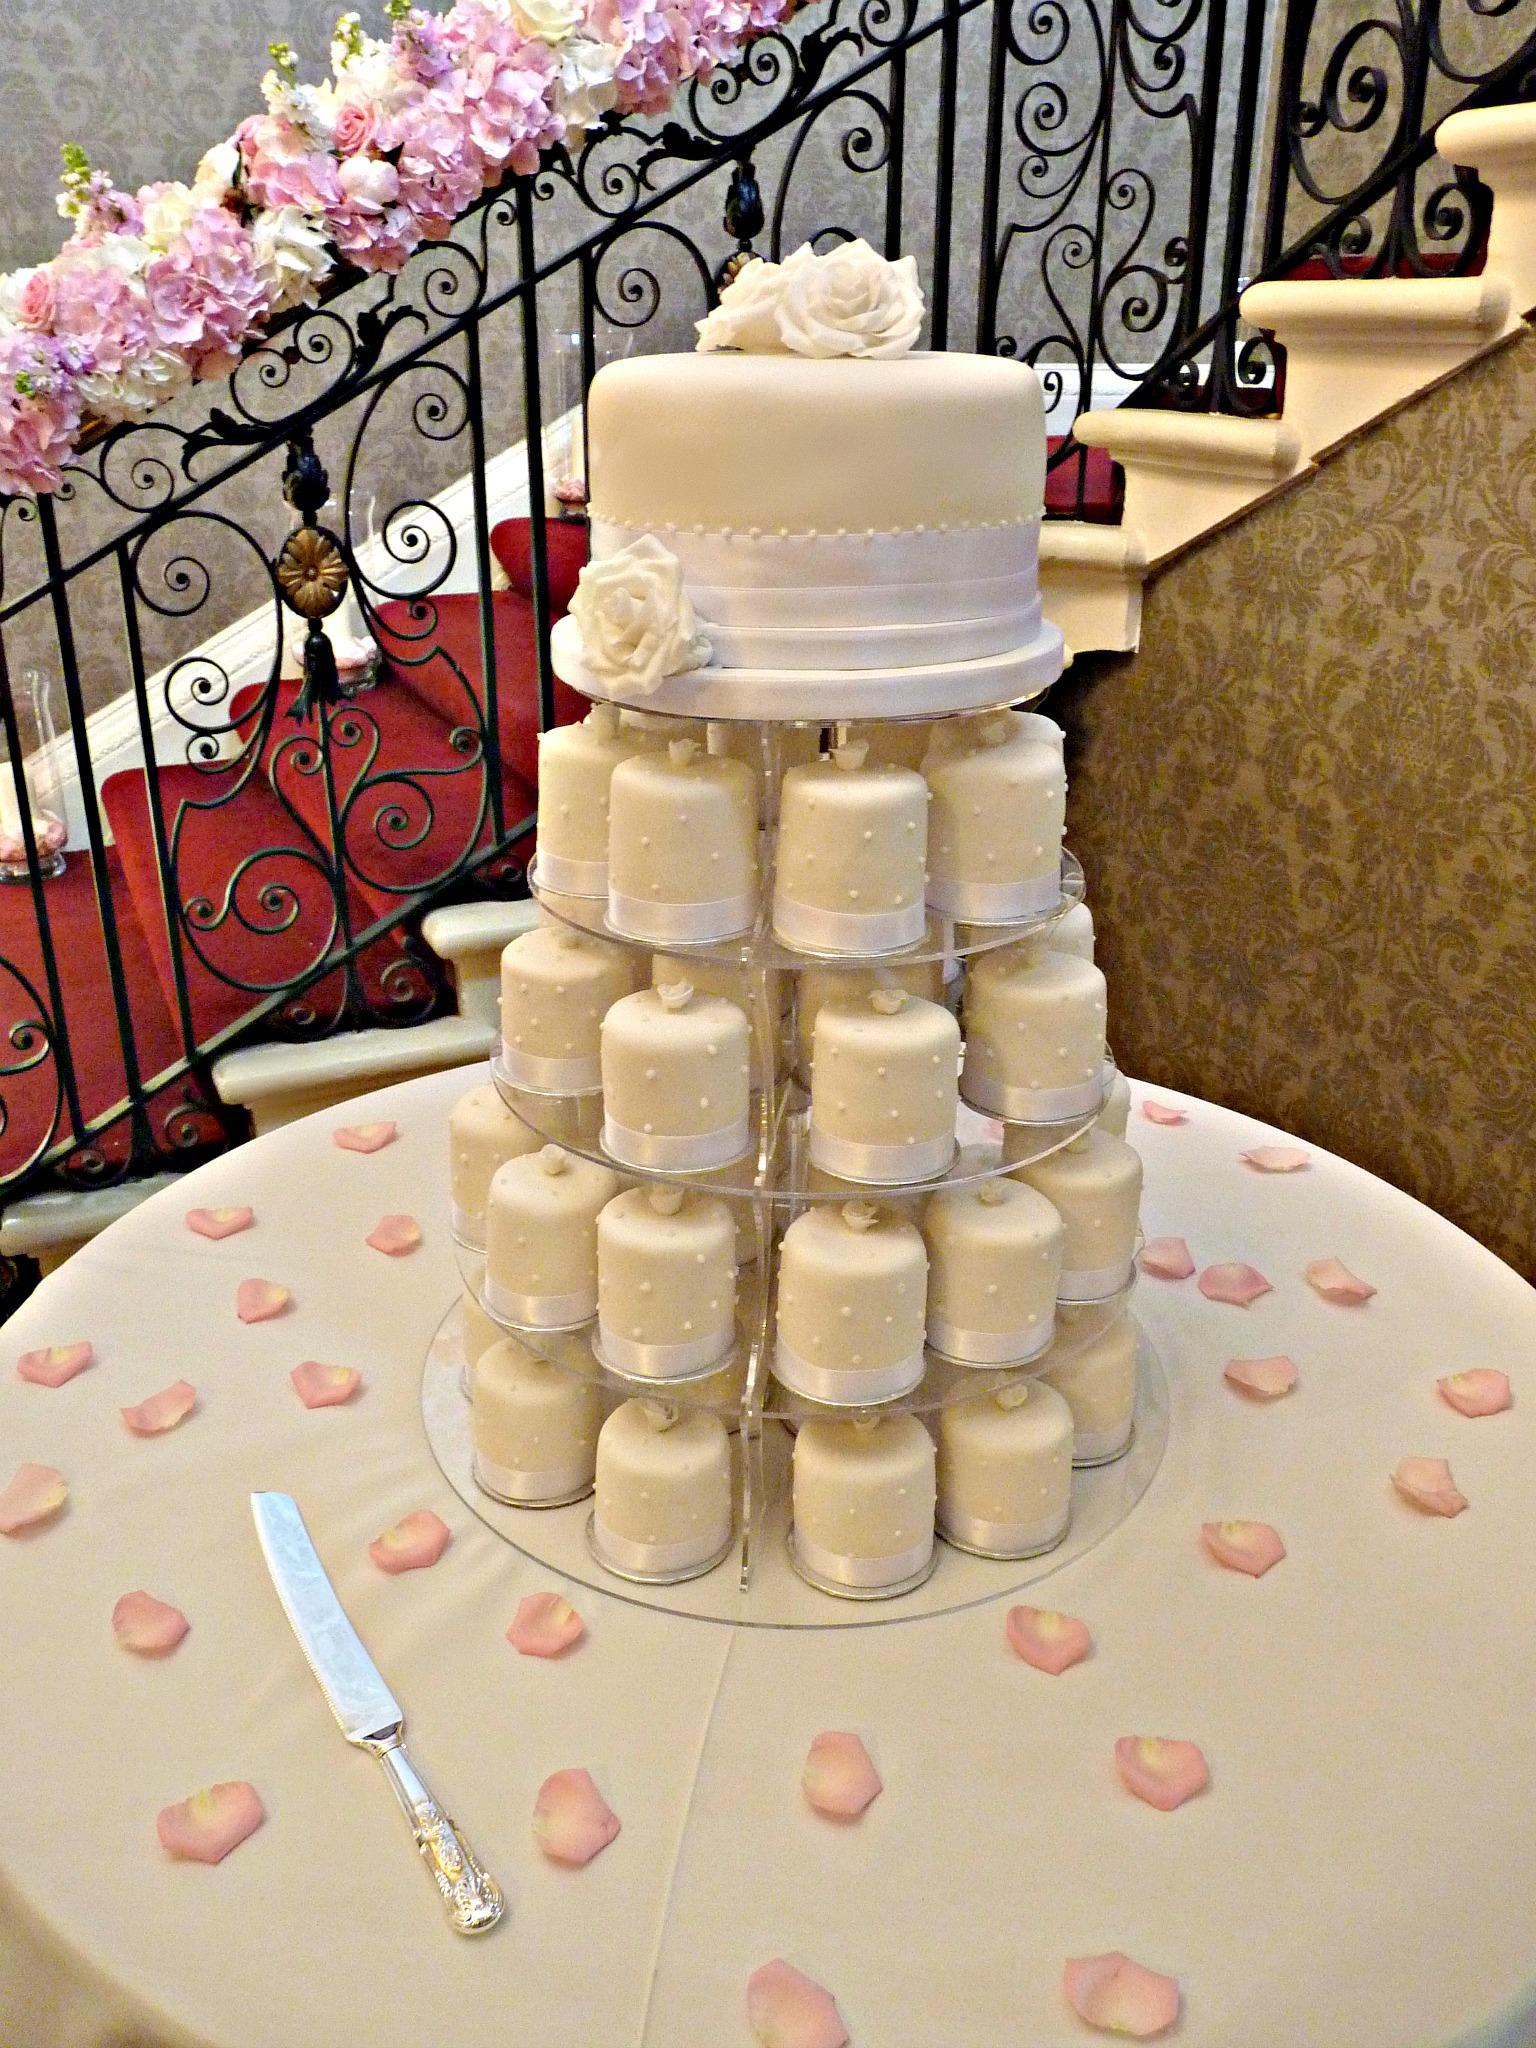 Wedding Cake Ideas Images